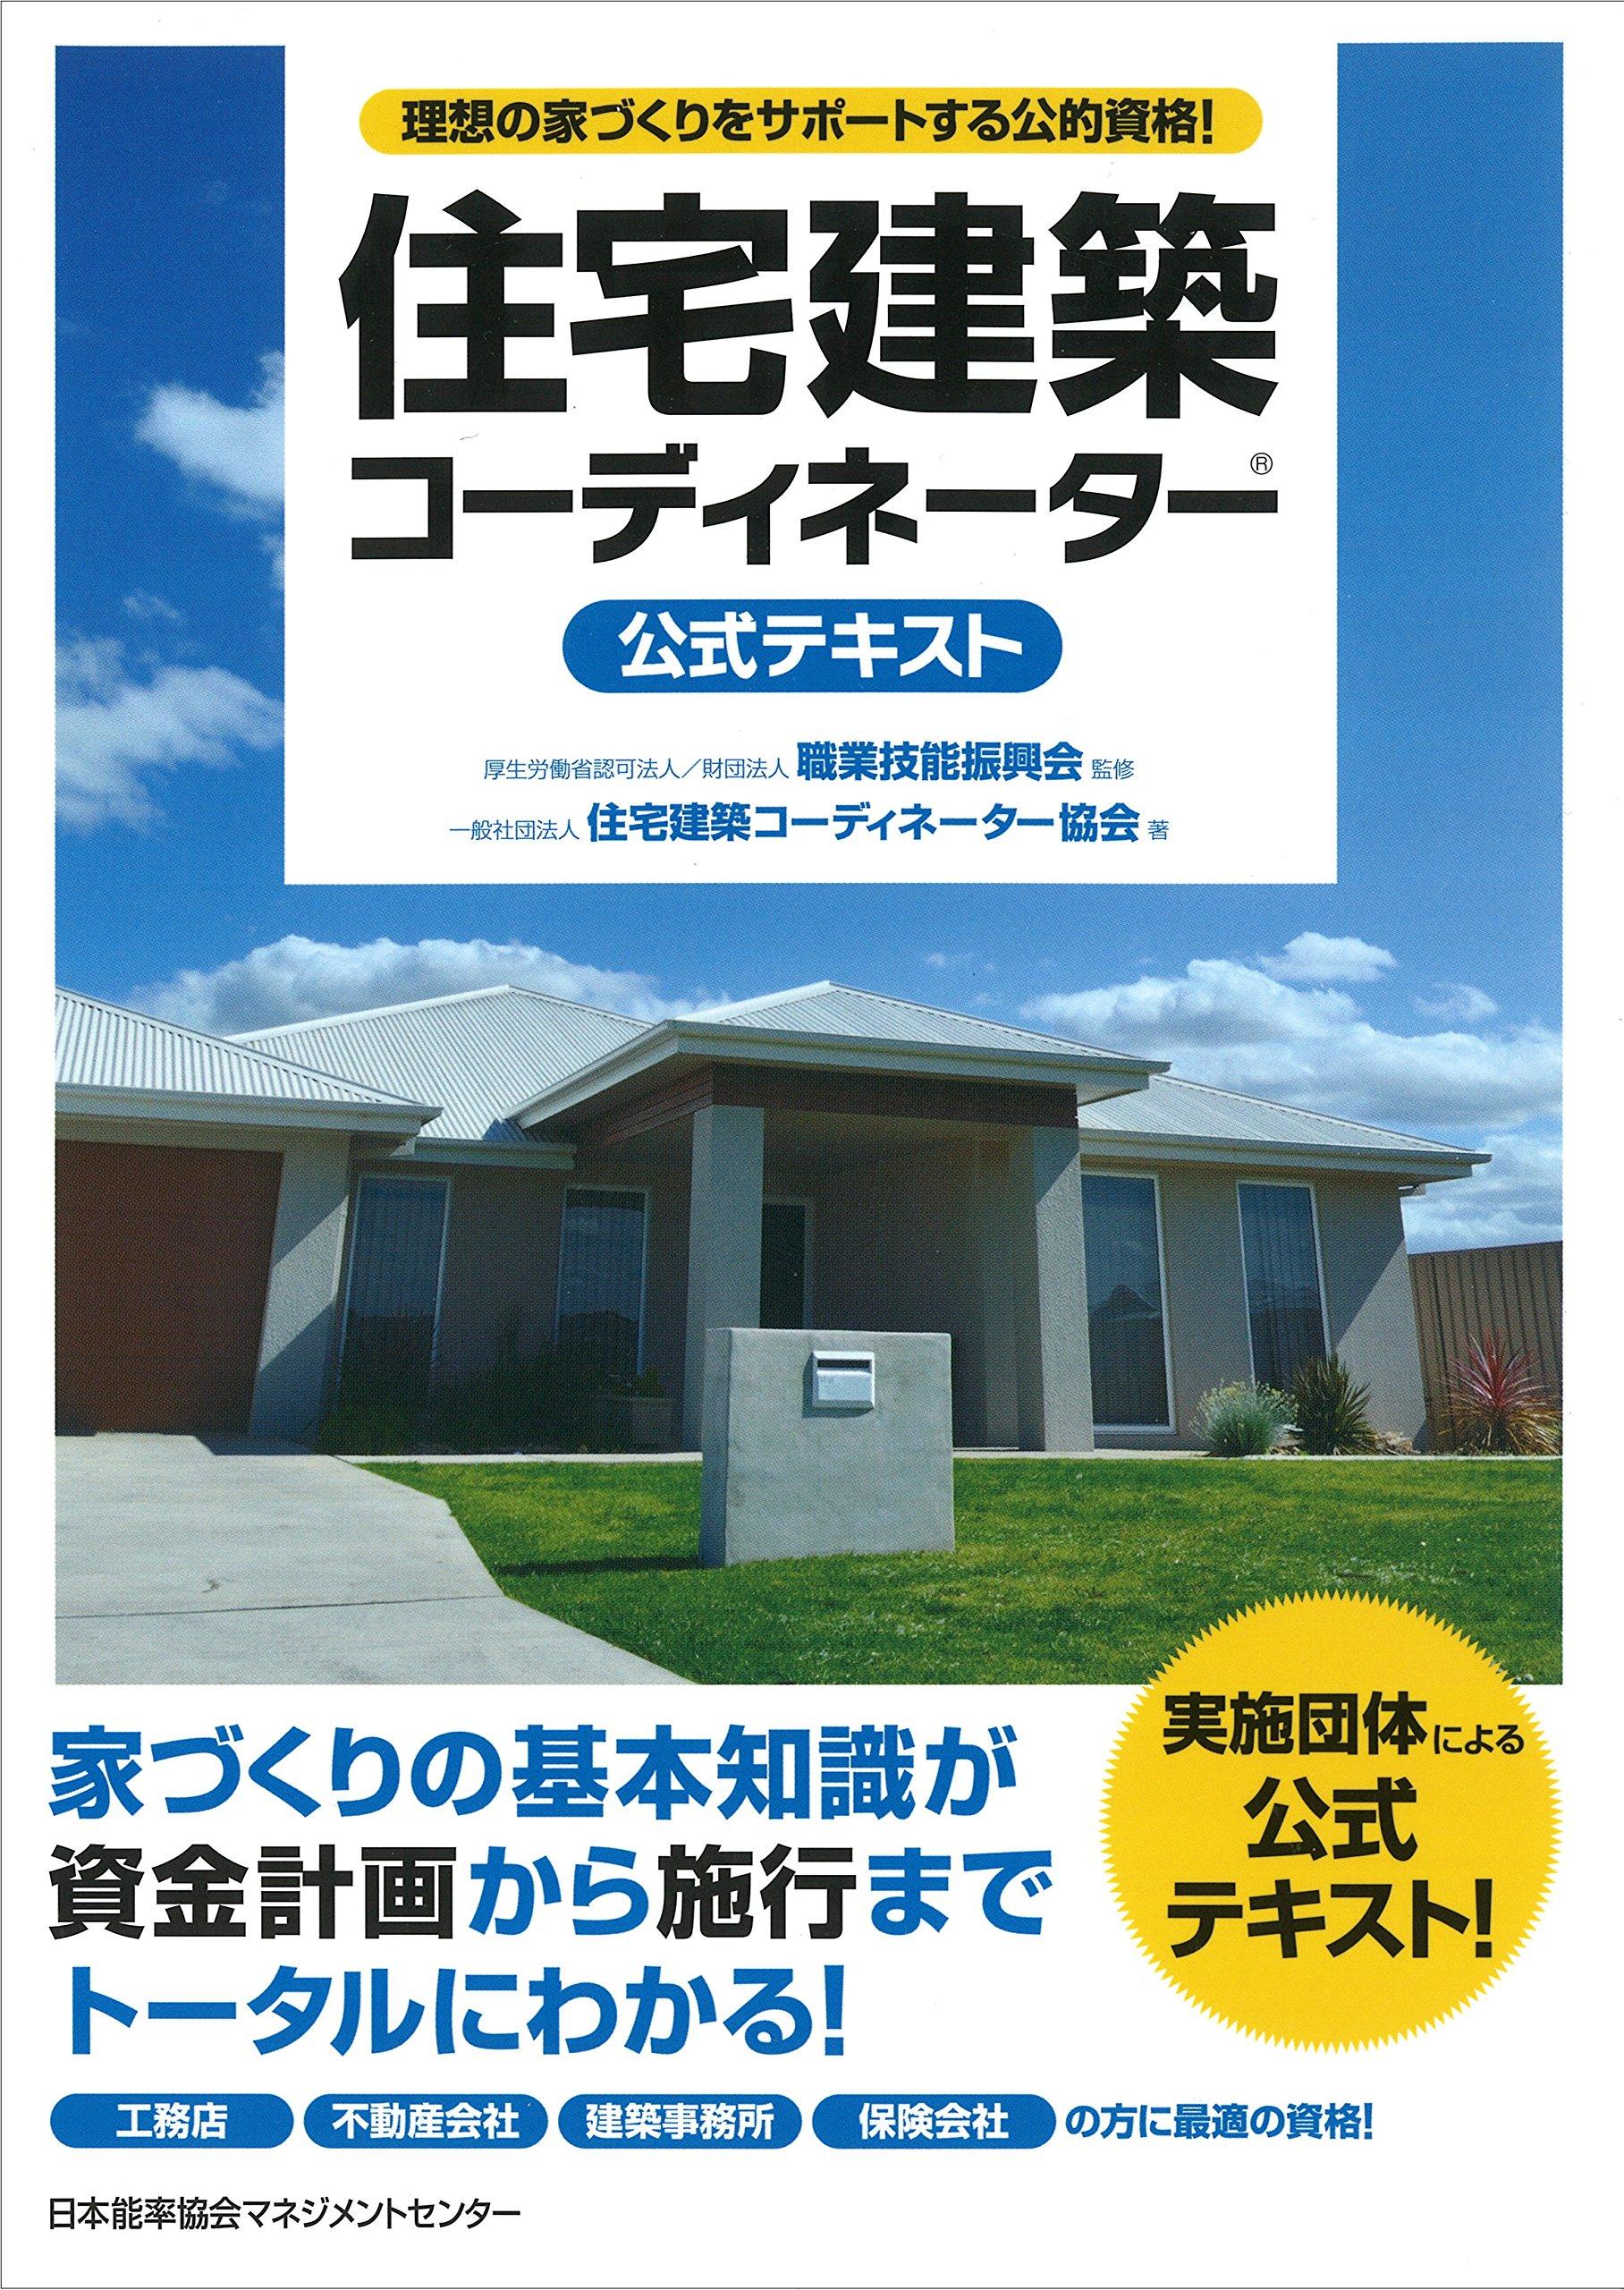 Jūtaku kenchiku kōdinētā kōshiki tekisuto : risō no iezukuri o sapōto suru kōteki shikaku pdf